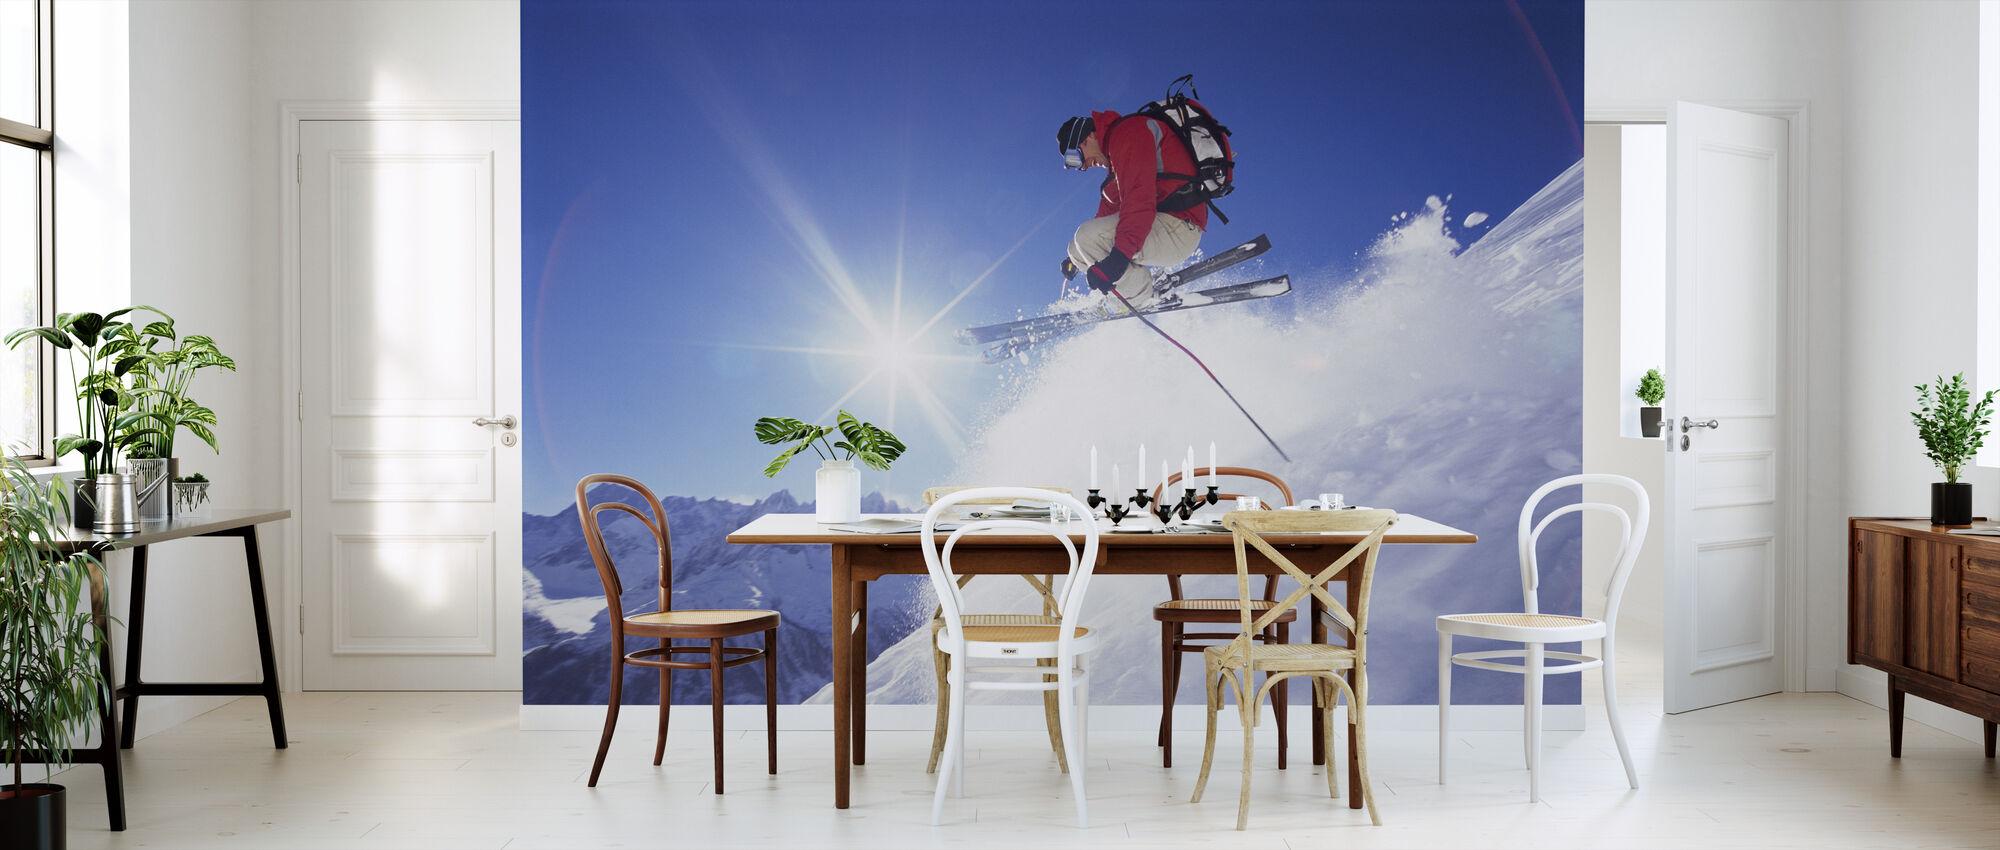 Esquí Adrenalina - Papel pintado - Cocina